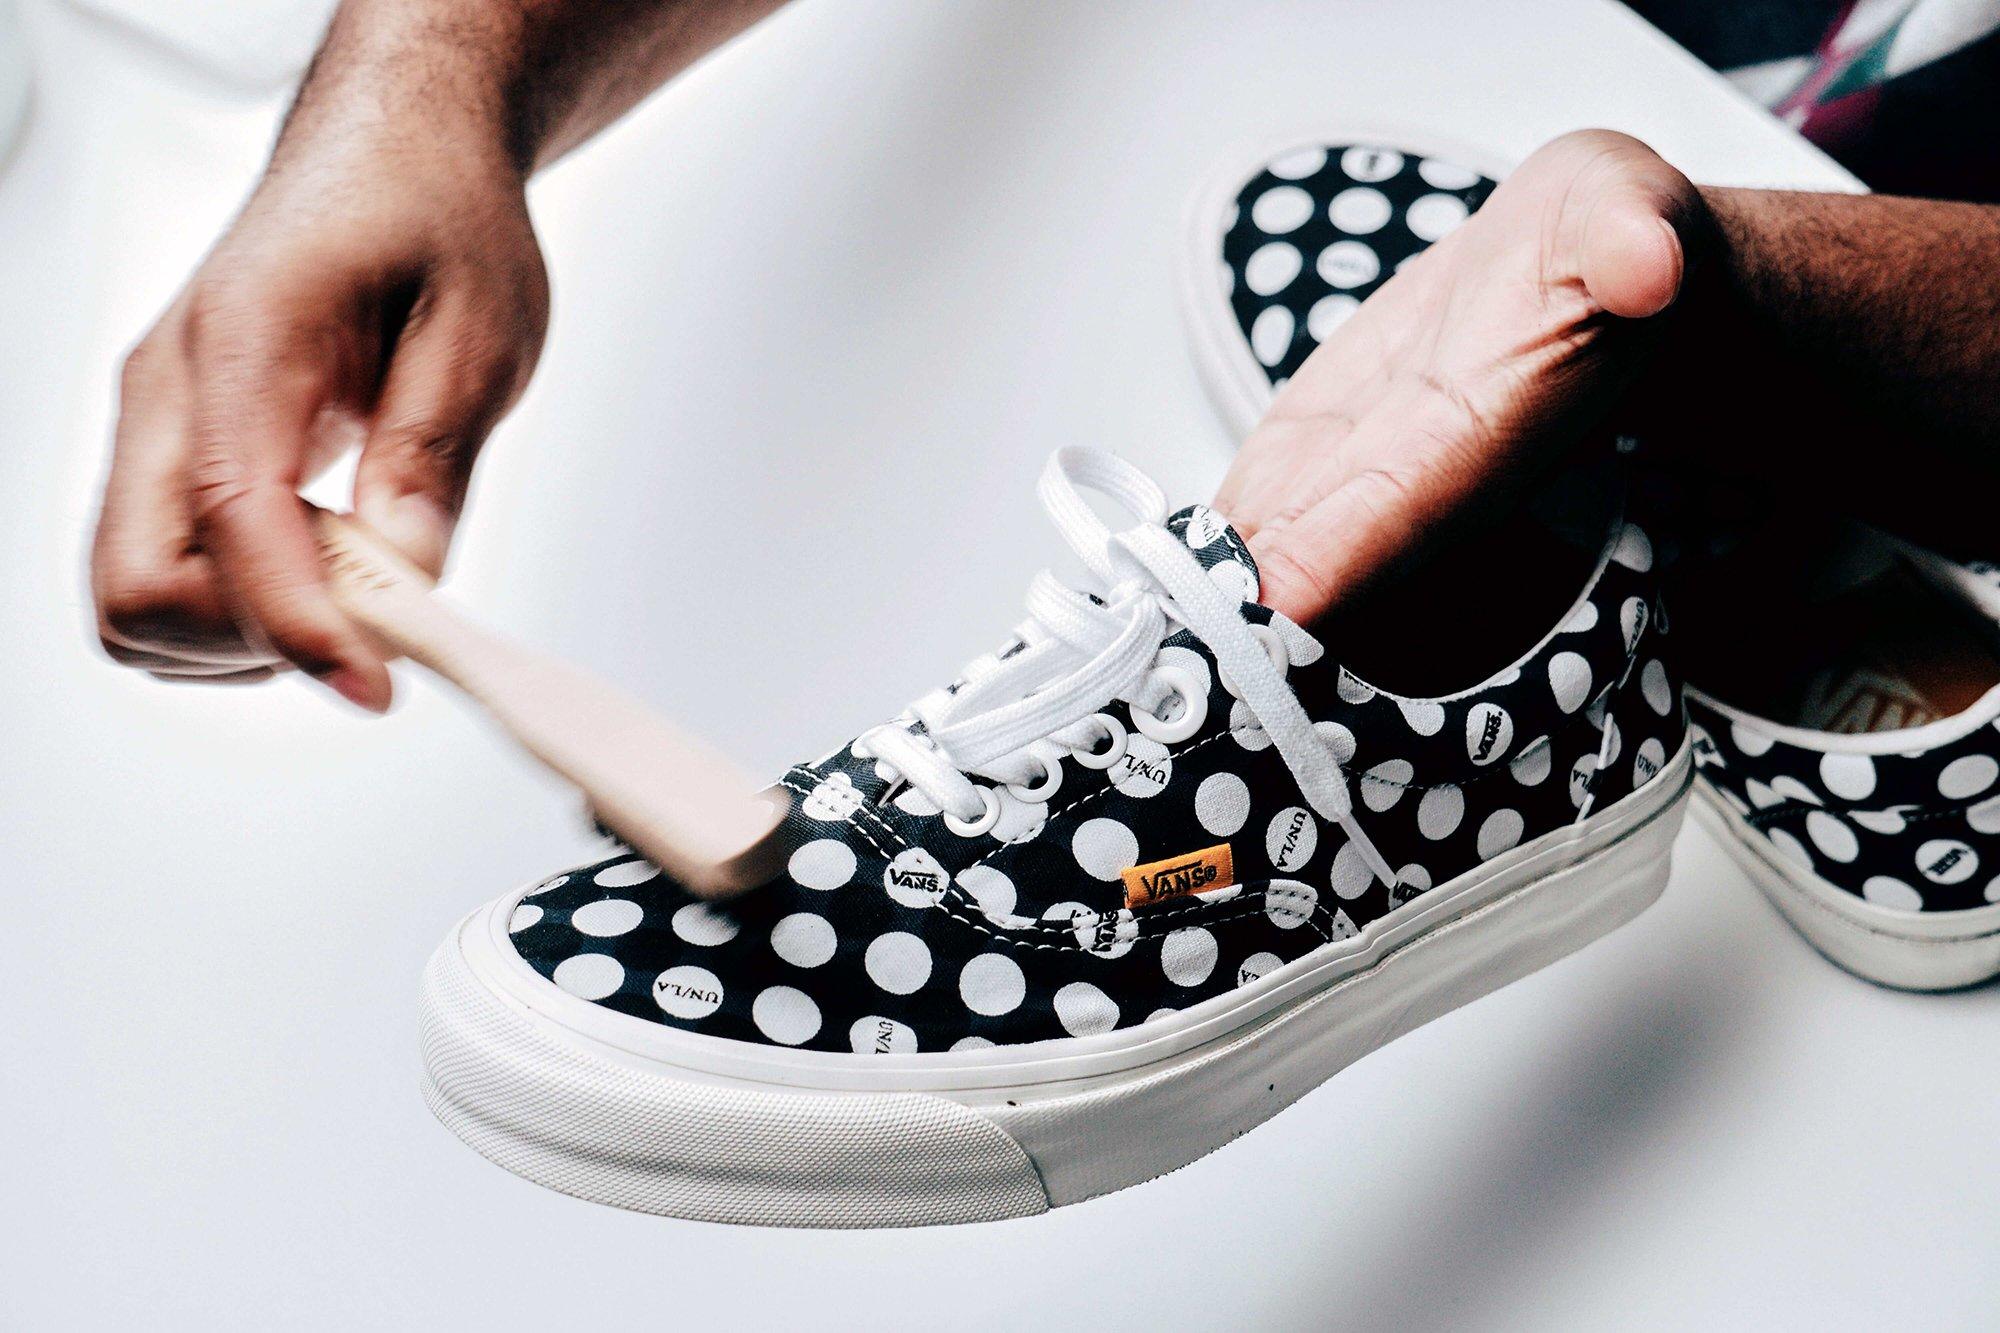 Ayakkabılarınızda gözle görülür lekeler varsa, belirli lekeyi ön işleme tabi tutmak için bir miktar deterjan kullanın.